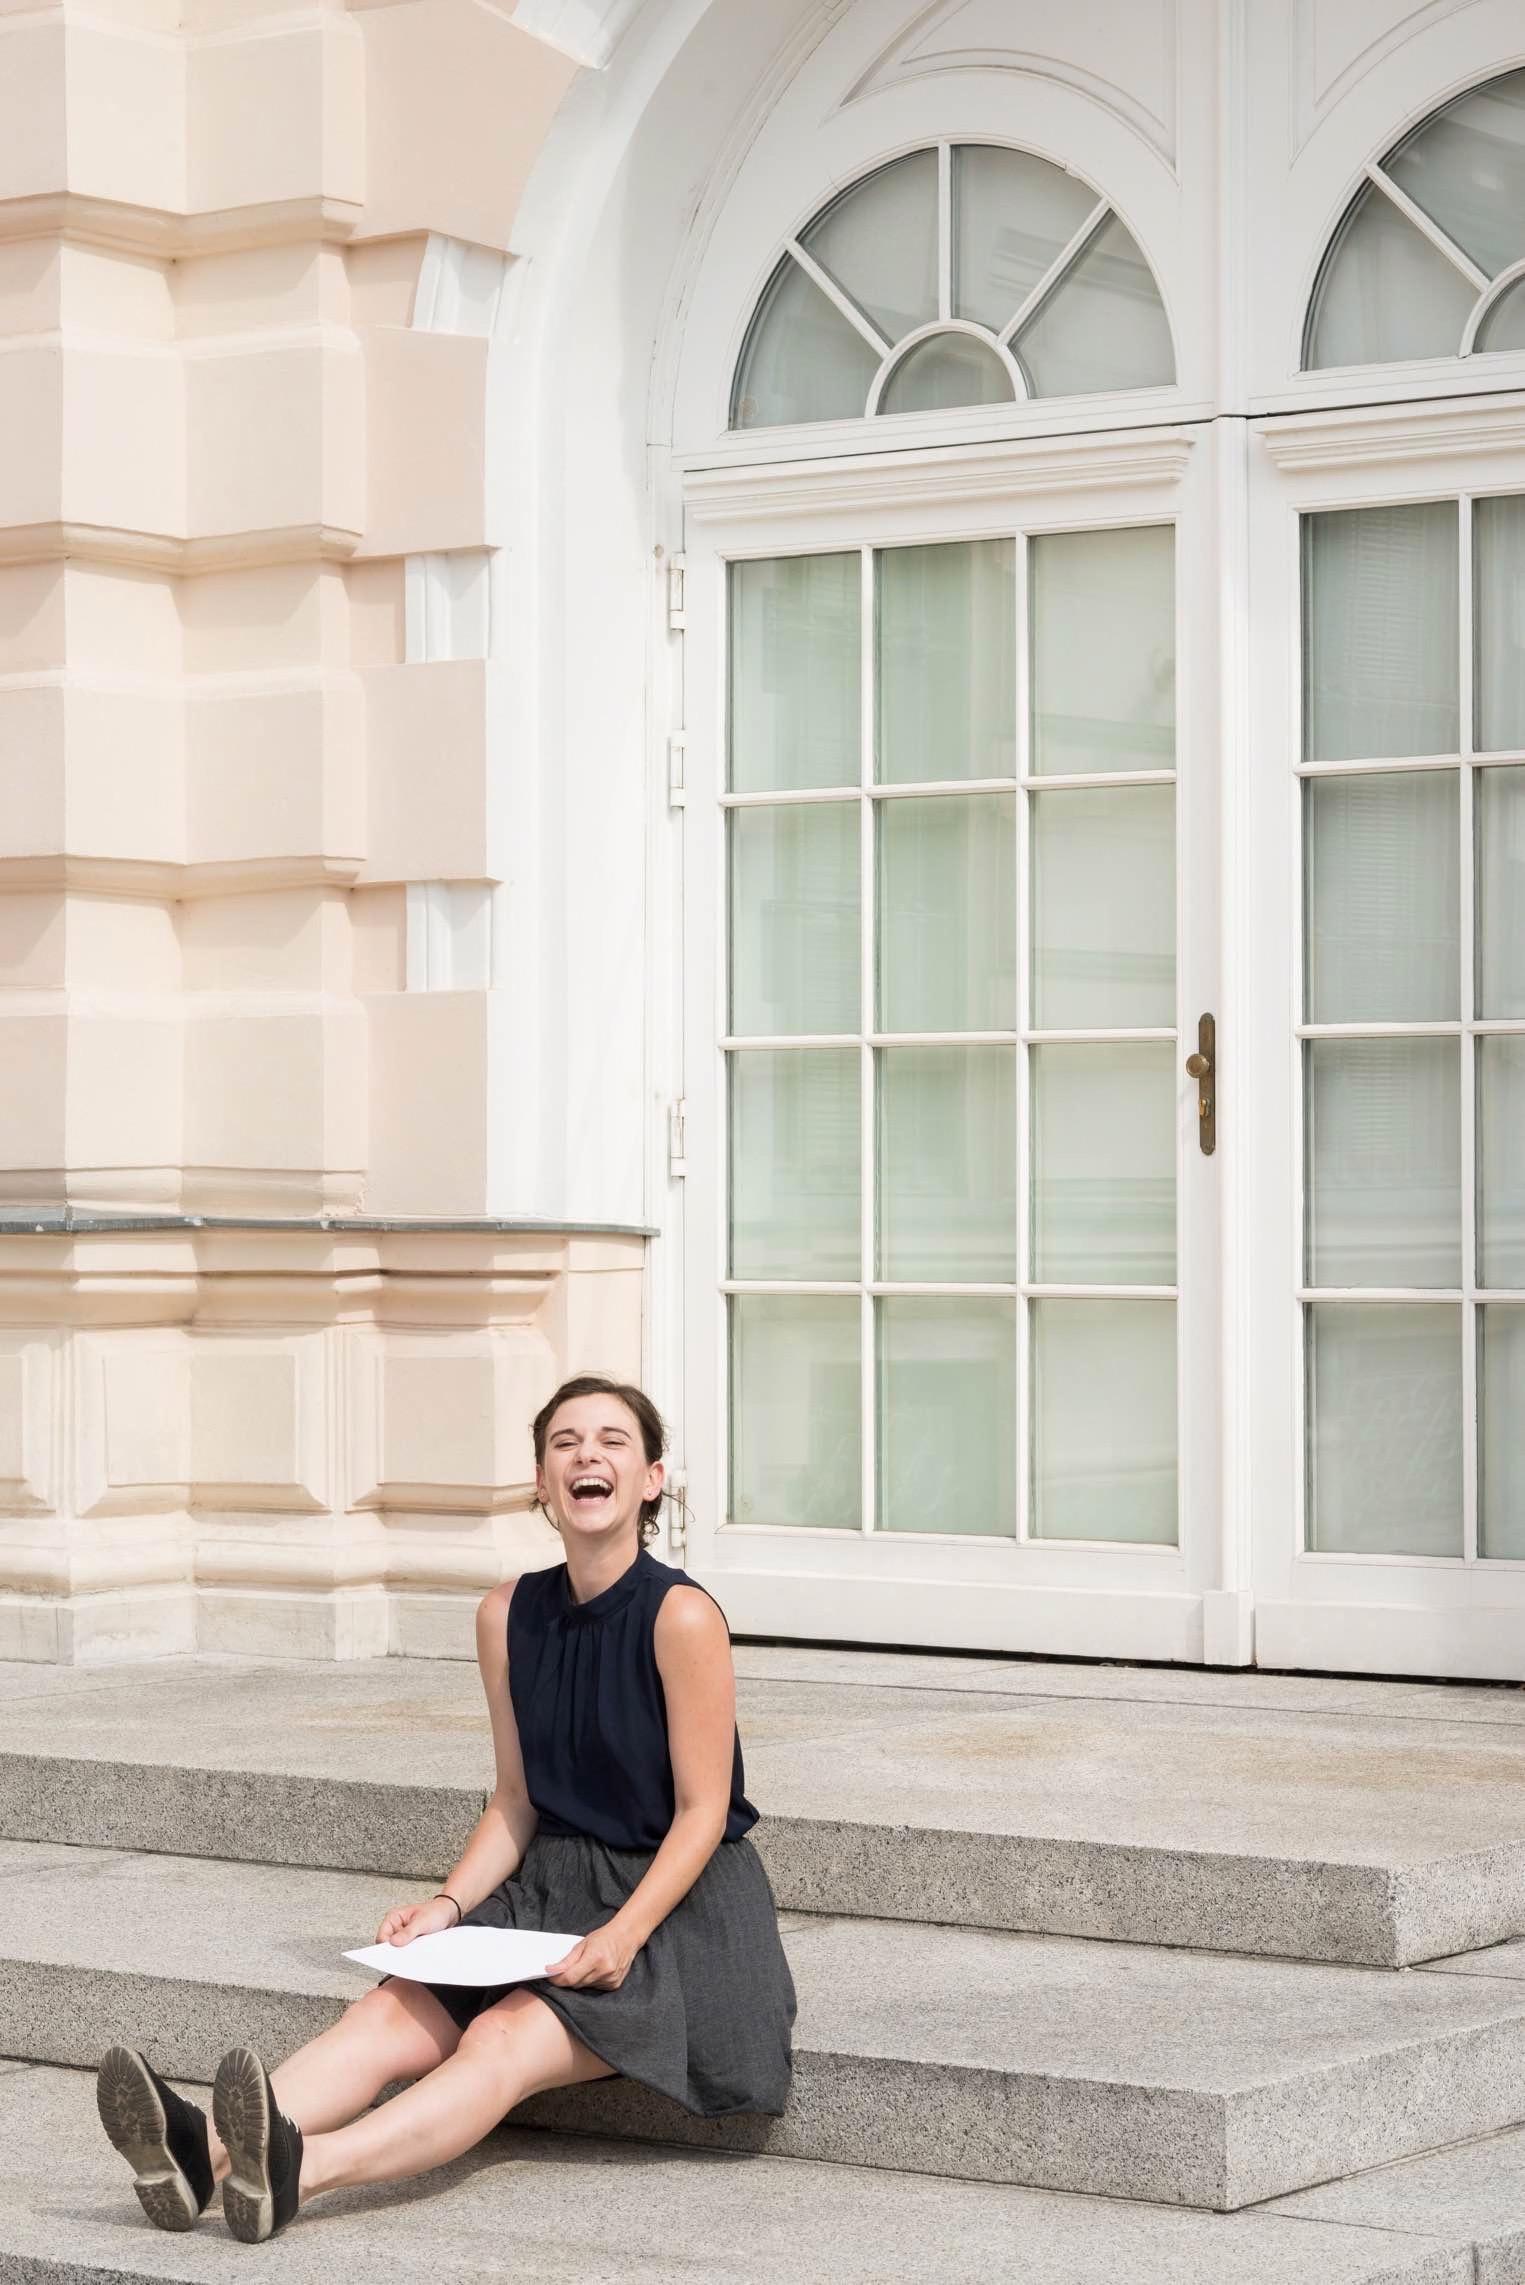 Porträt von Helena Jordan; Helena sitzt auf den Stiegen und hält lachend ein weißes Blatt Papier auf ihrem Schoß